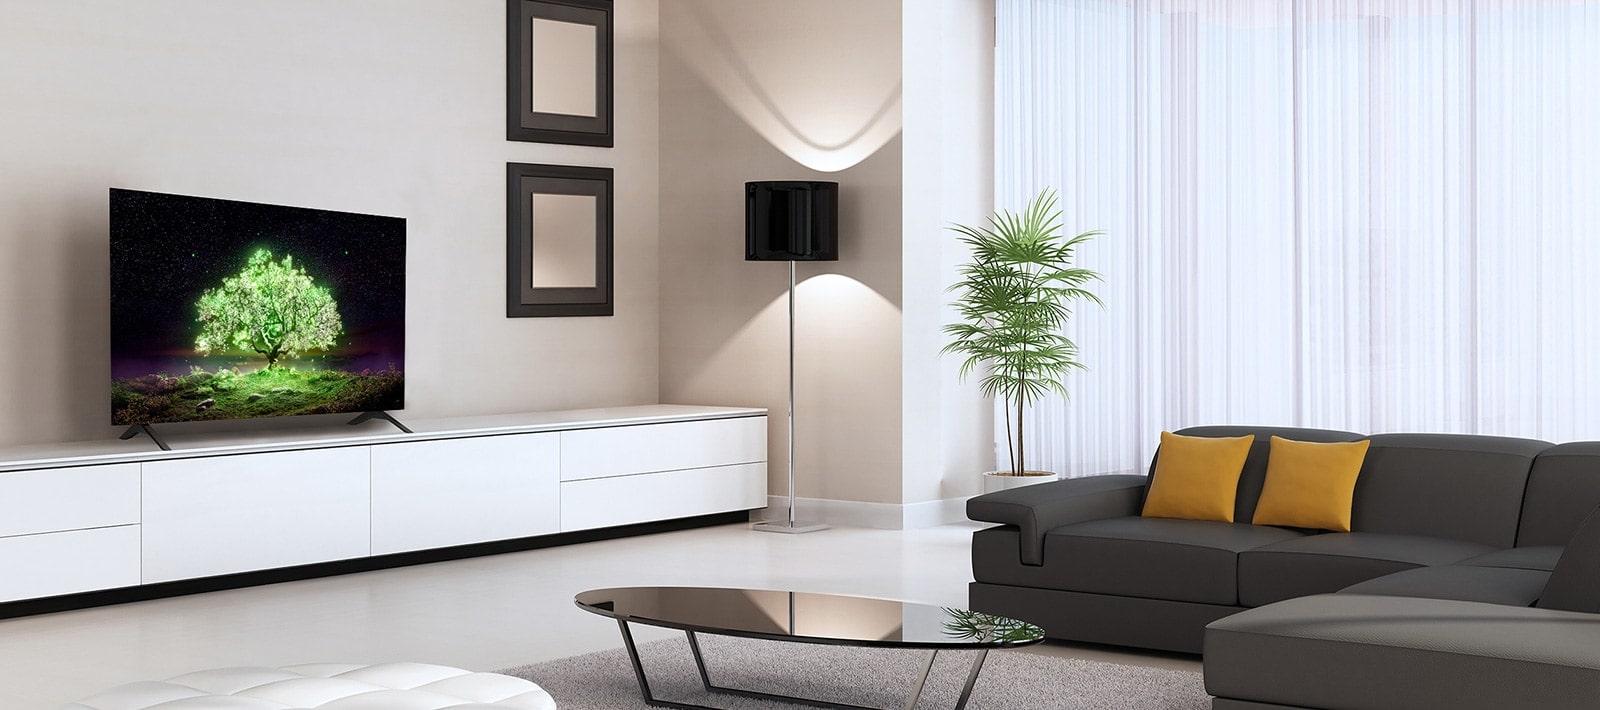 一台 OLED 電視 A1 系列放置在一間迷人的客廳。 電視螢幕上顯示一張明亮發光的綠樹圖像。